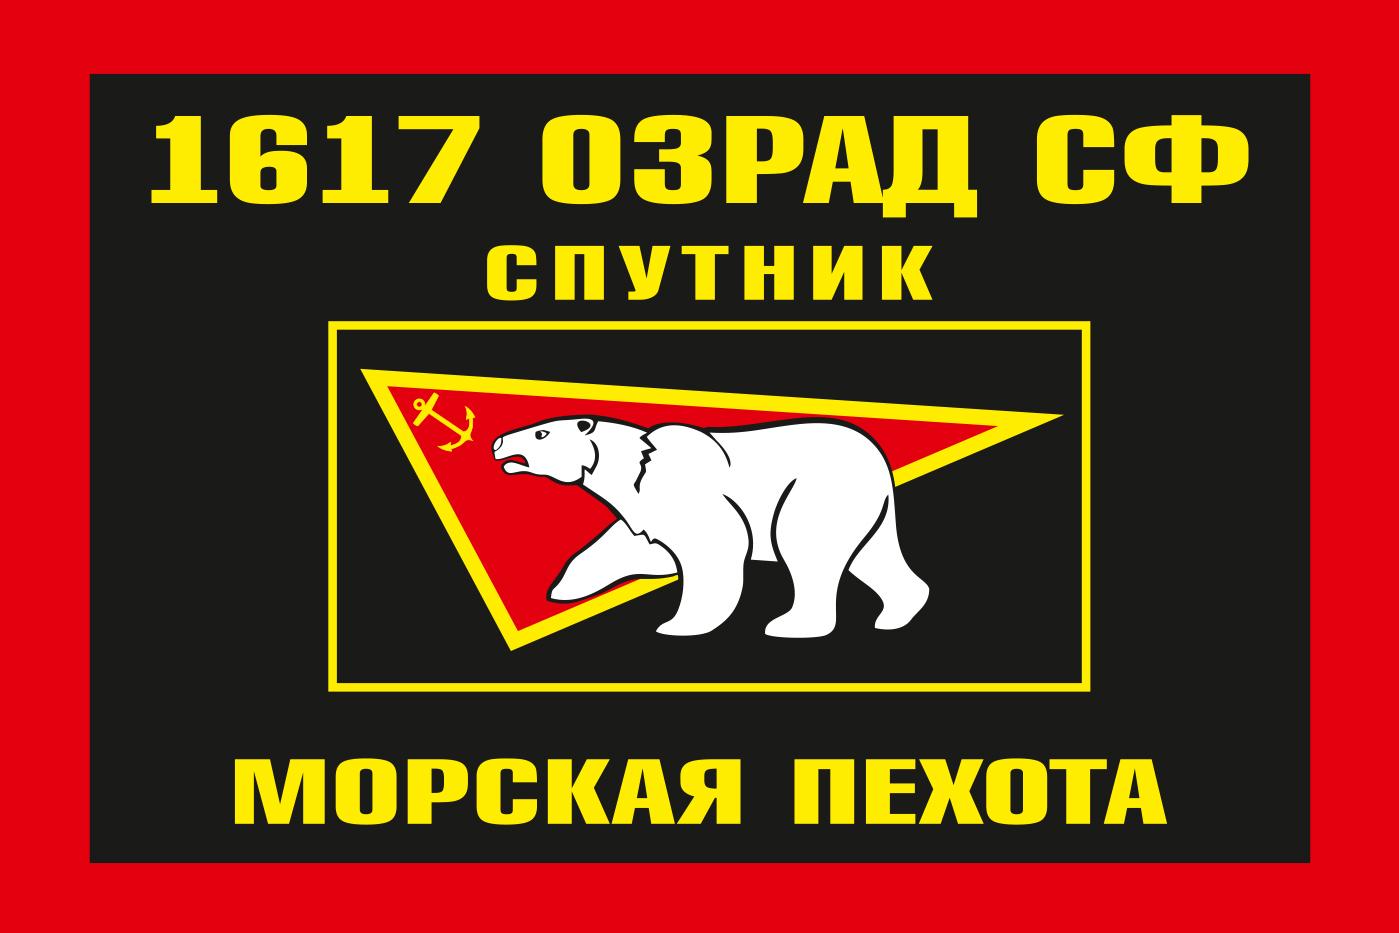 Флаг Морской пехоты 1611 ОСАД Северный флот